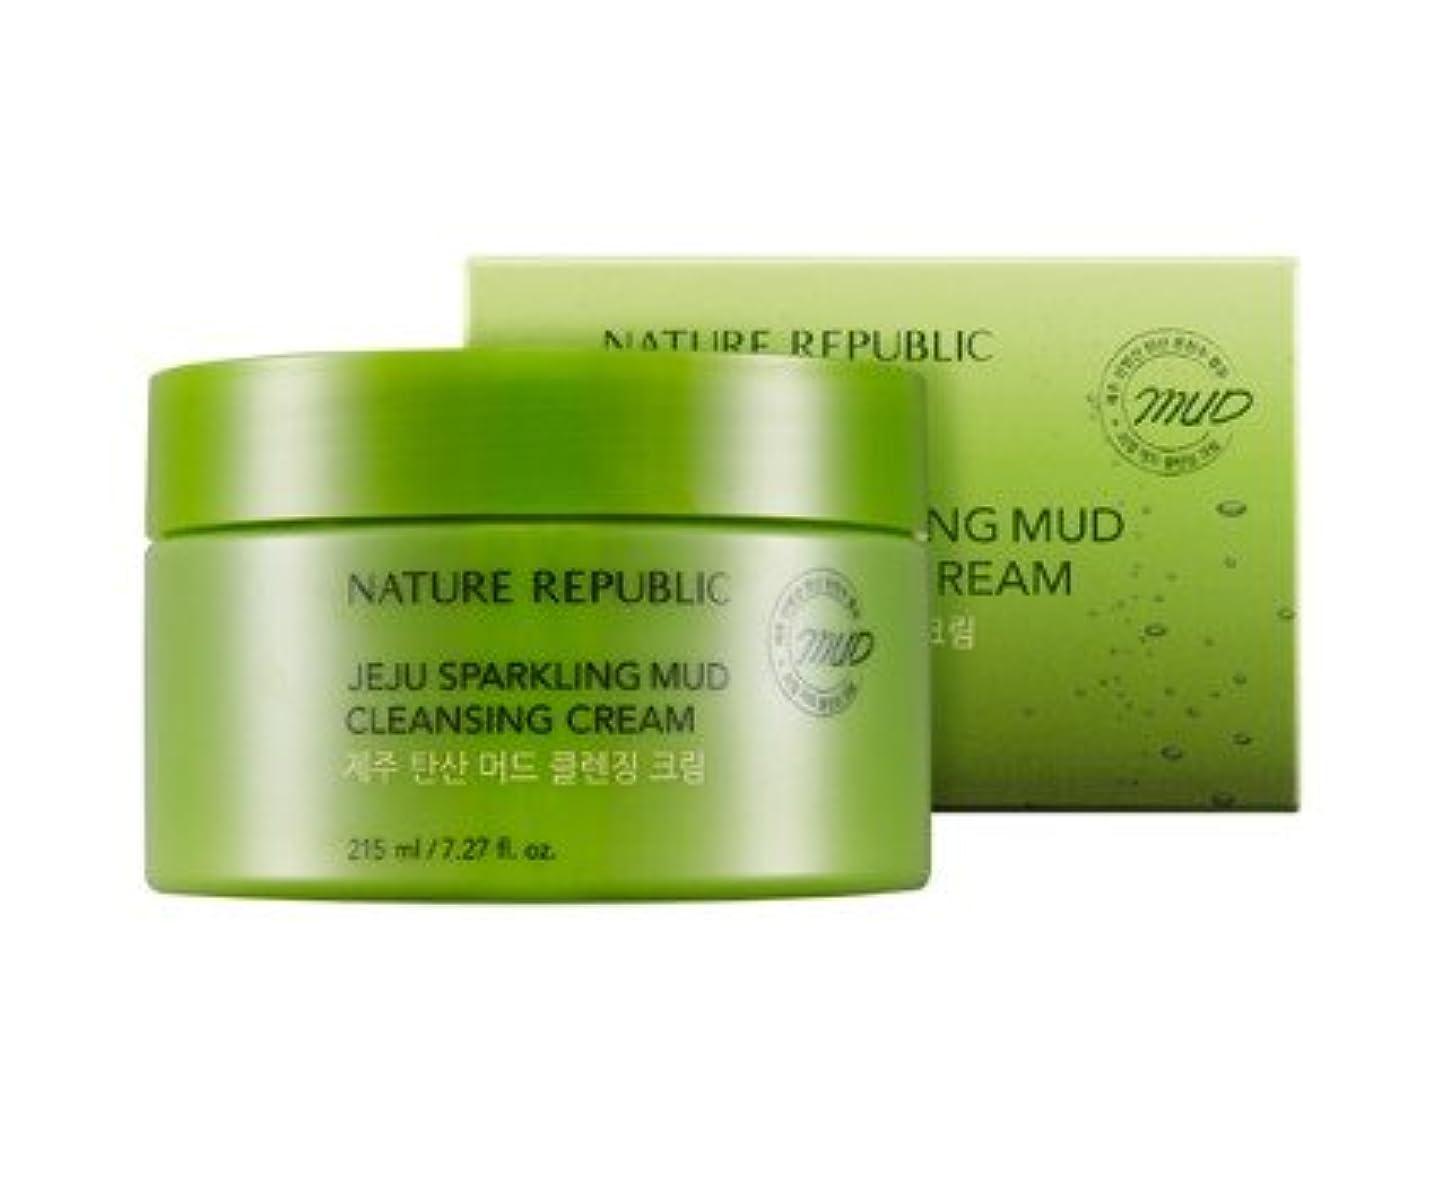 歯科医投票郵便番号Nature republic Jeju Sparkling Mud Cleansing Cream ネイチャーリパブリック チェジュ炭酸マッド クレンジングクリーム 215ML [並行輸入品]